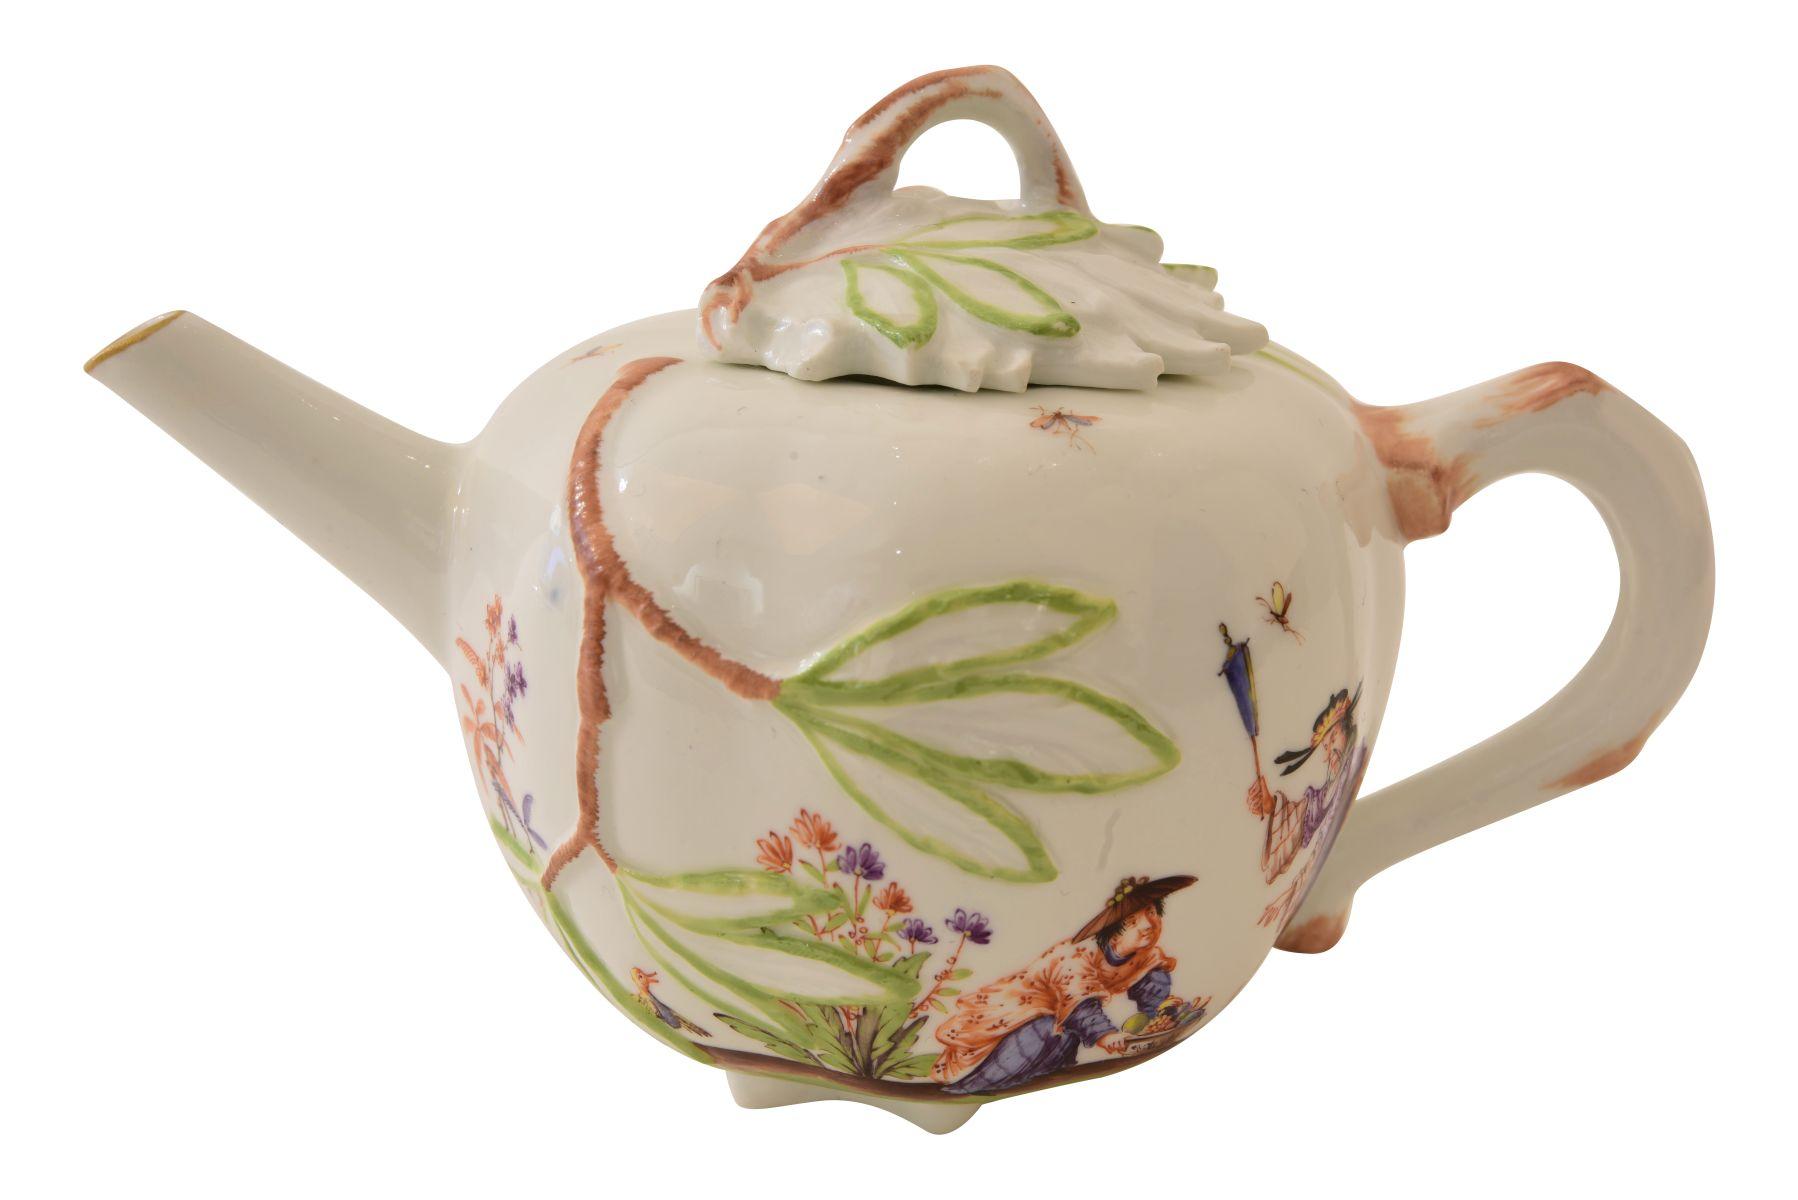 Vente Porzellan | Porcelain chez Amadeus Auction : 191 lots